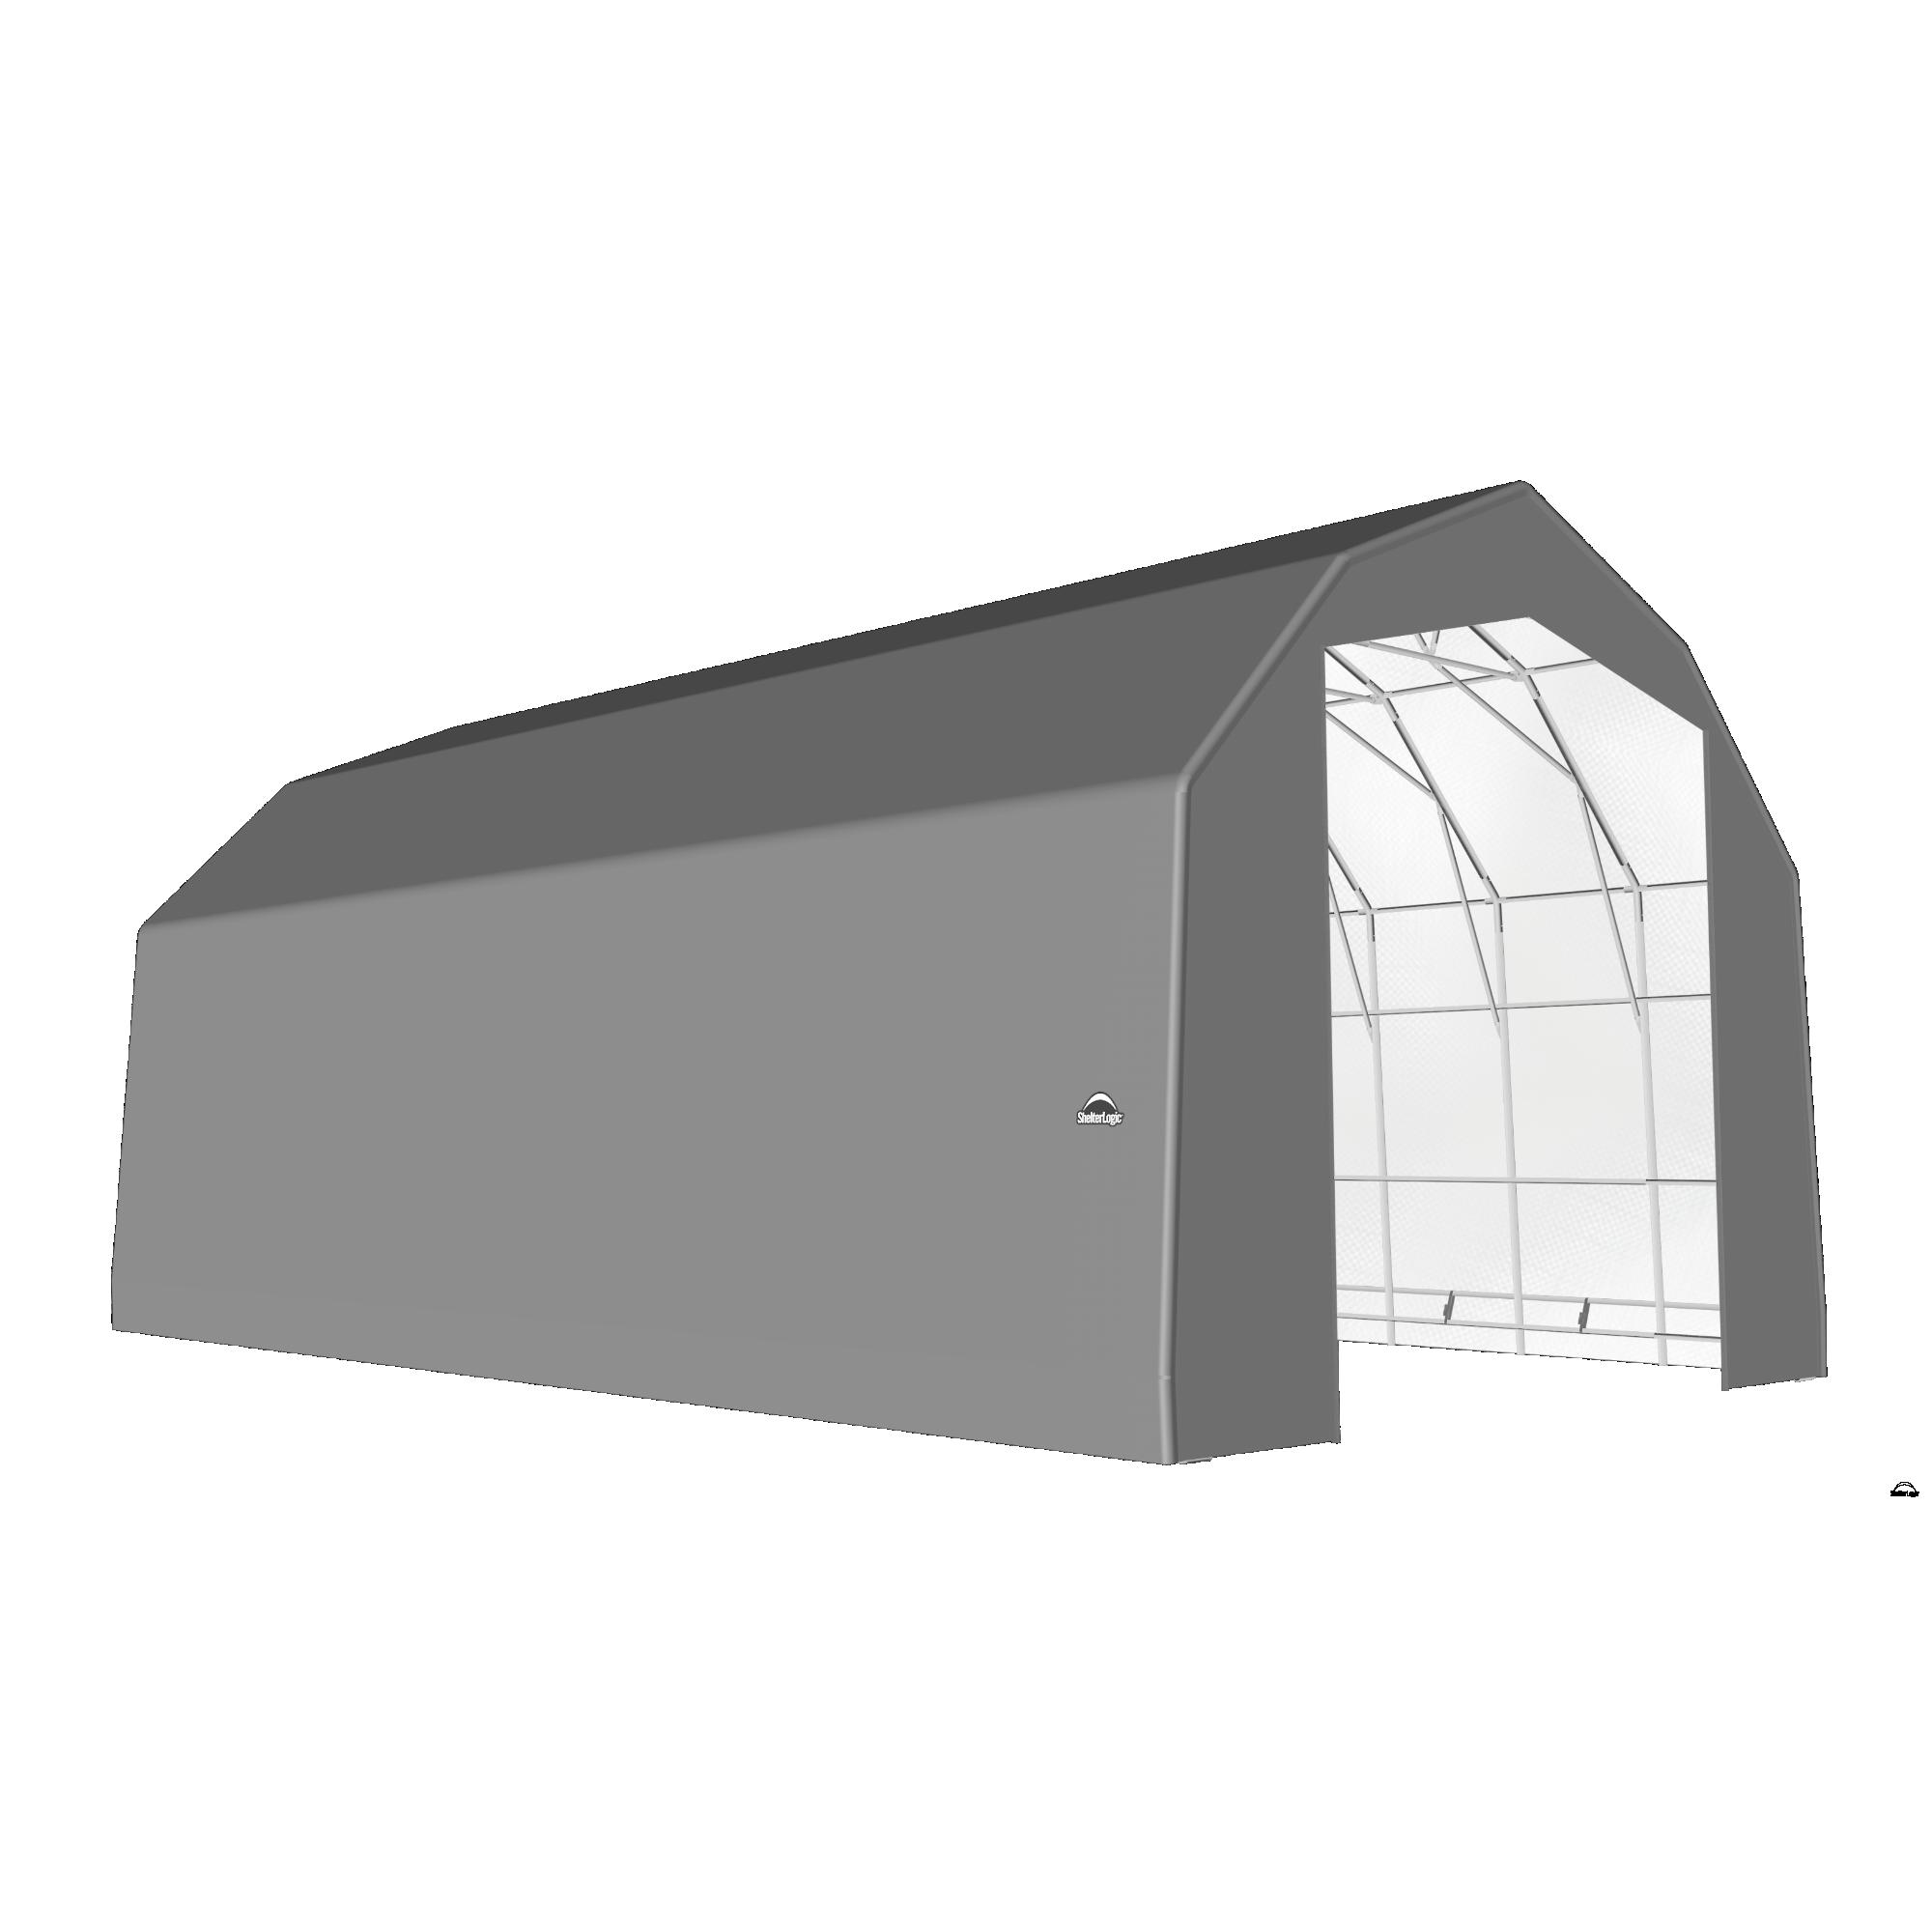 SP Barn 25X32X20 Gray 14 oz PE Shelter